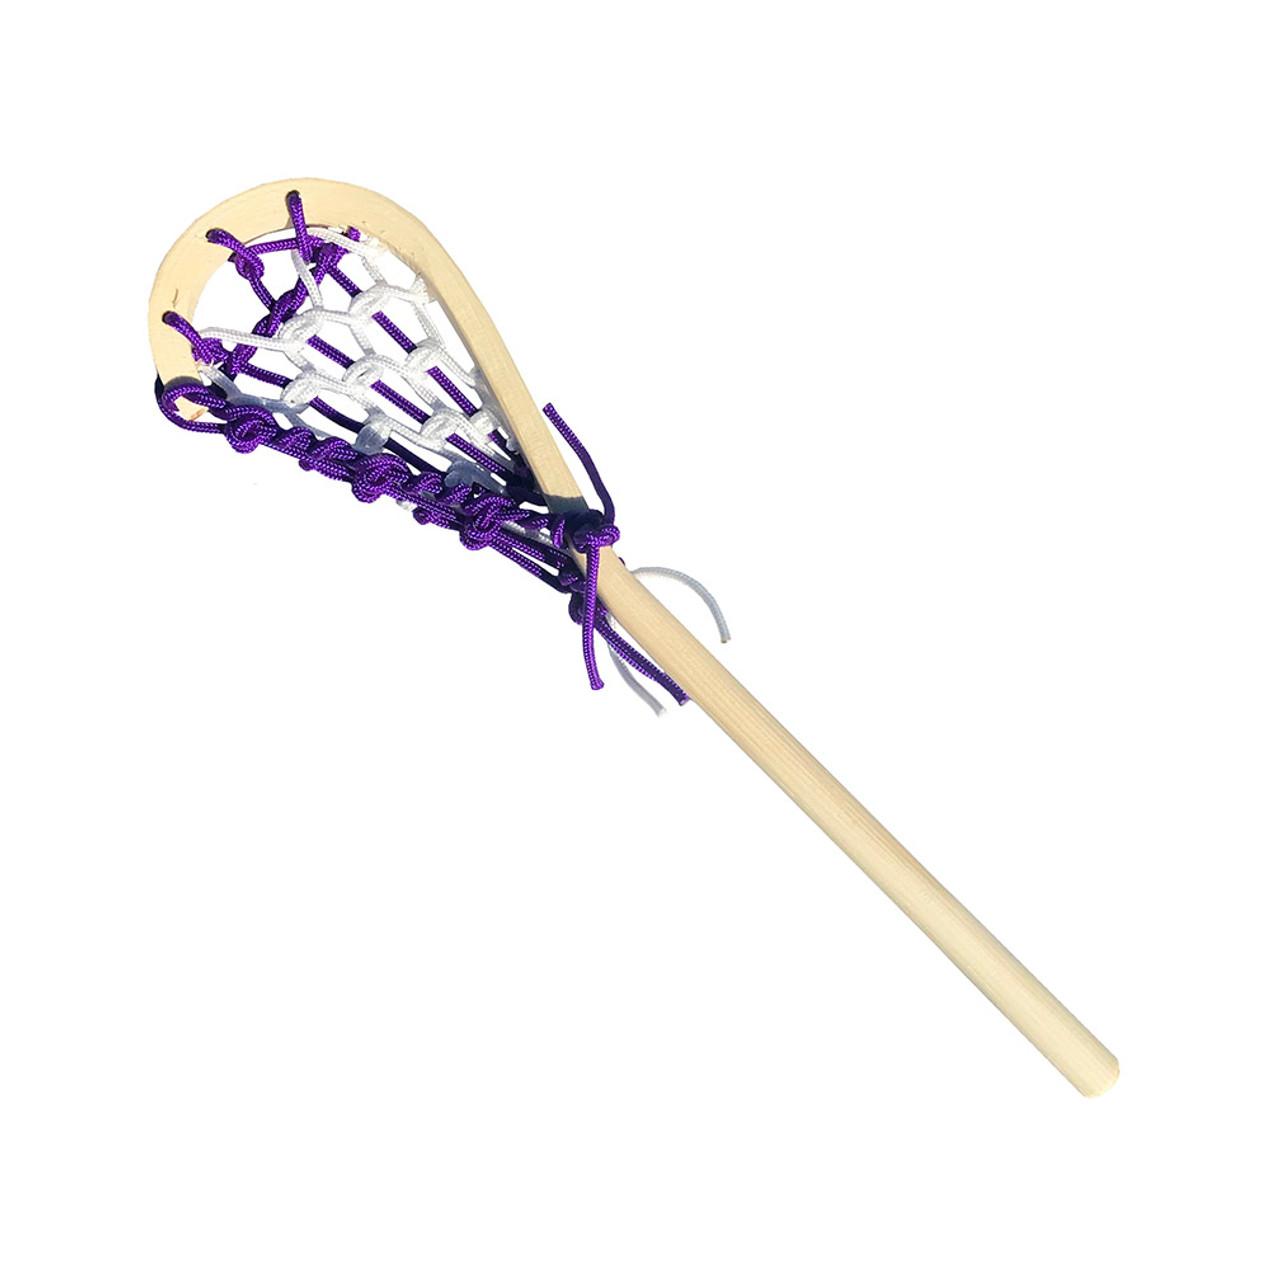 11 Wooden Lacrosse Stick